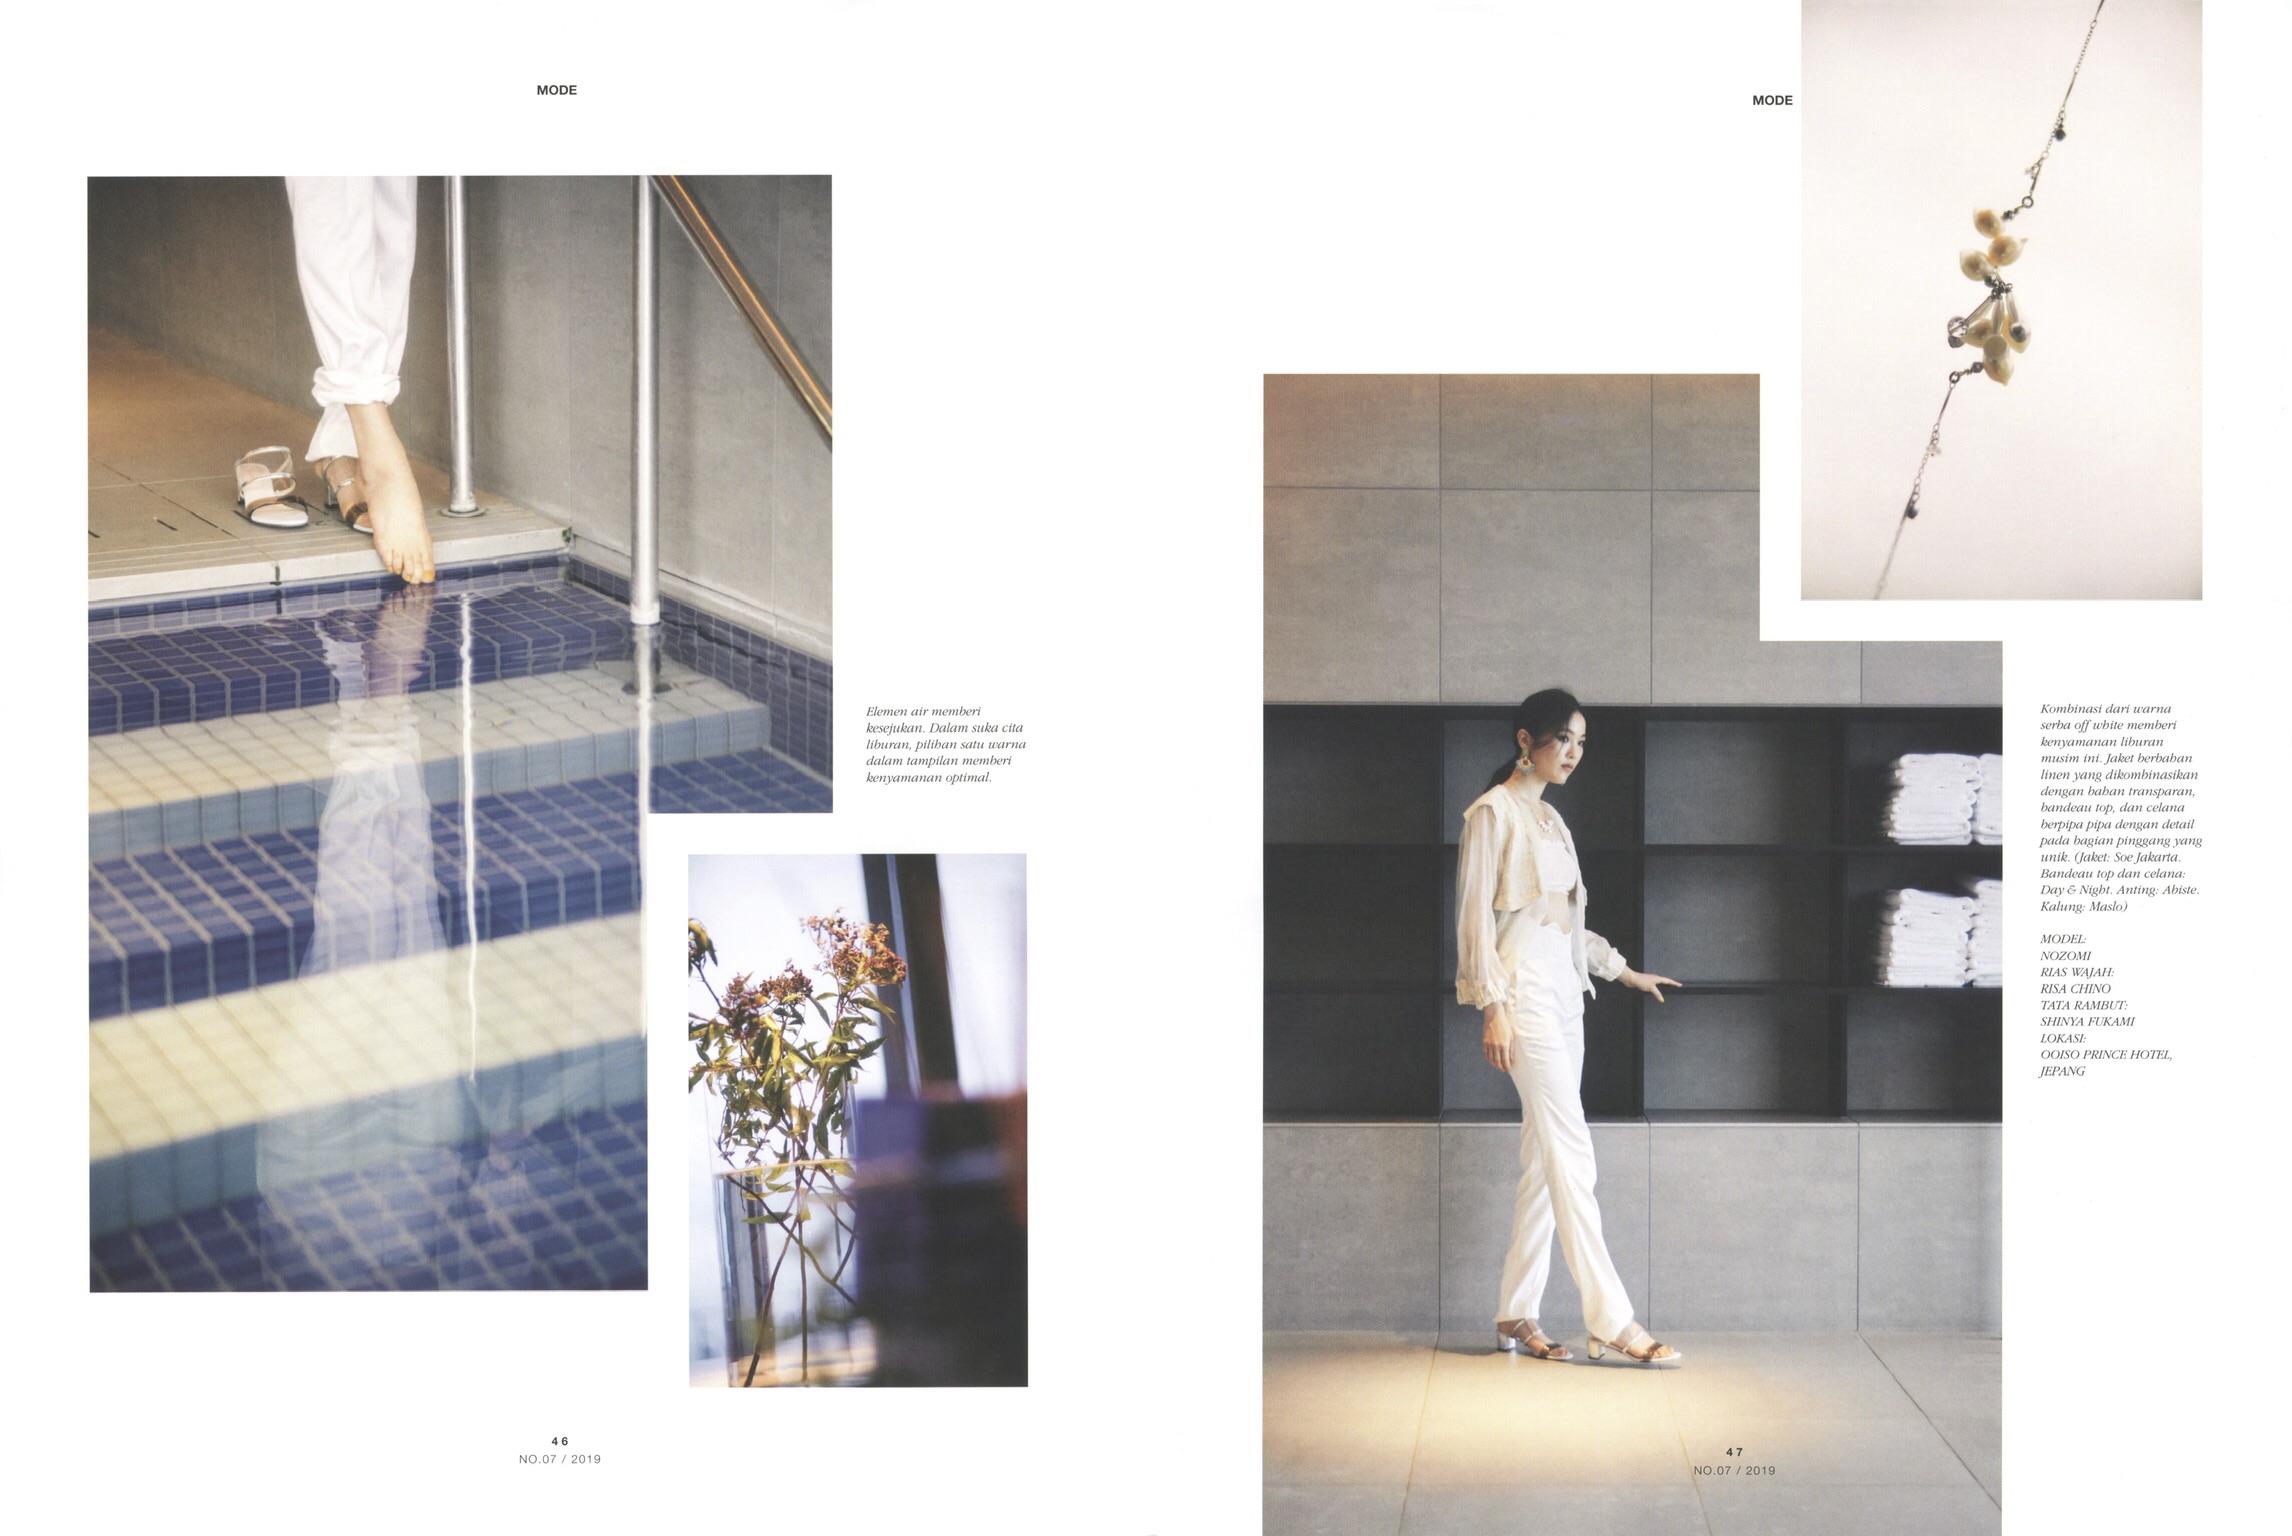 Dewi Magazine 2